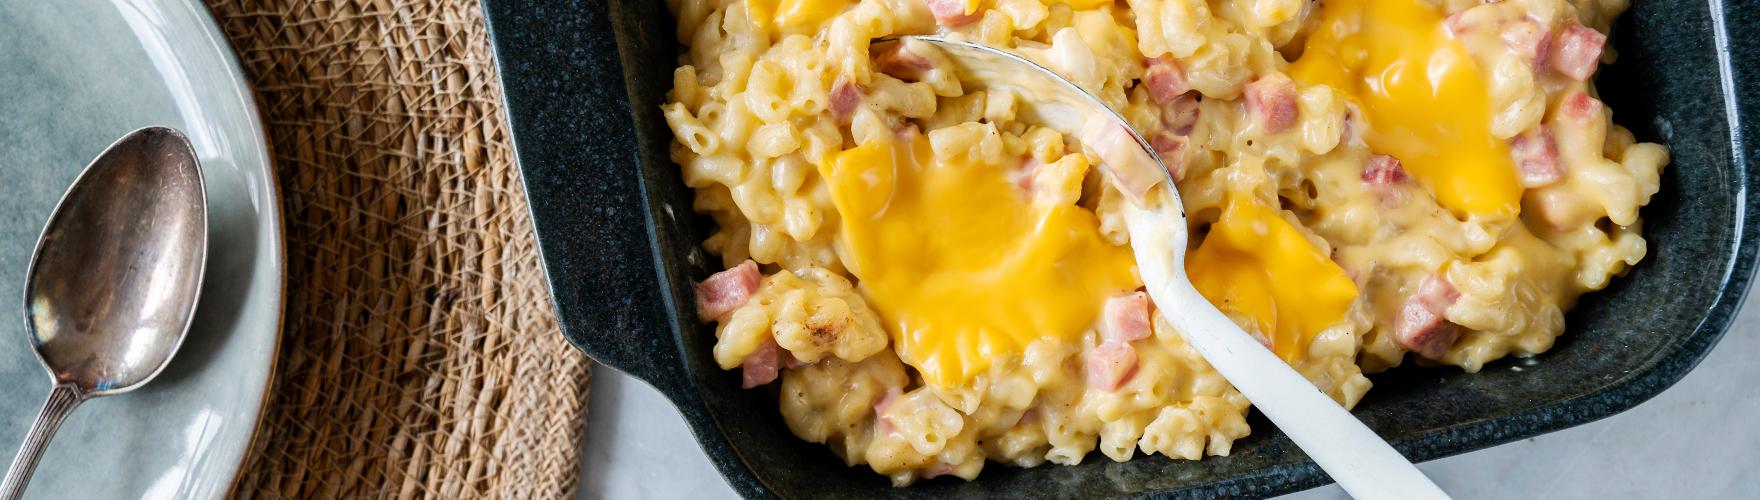 Mac and cheese met cheddar kaas en hamblokjes